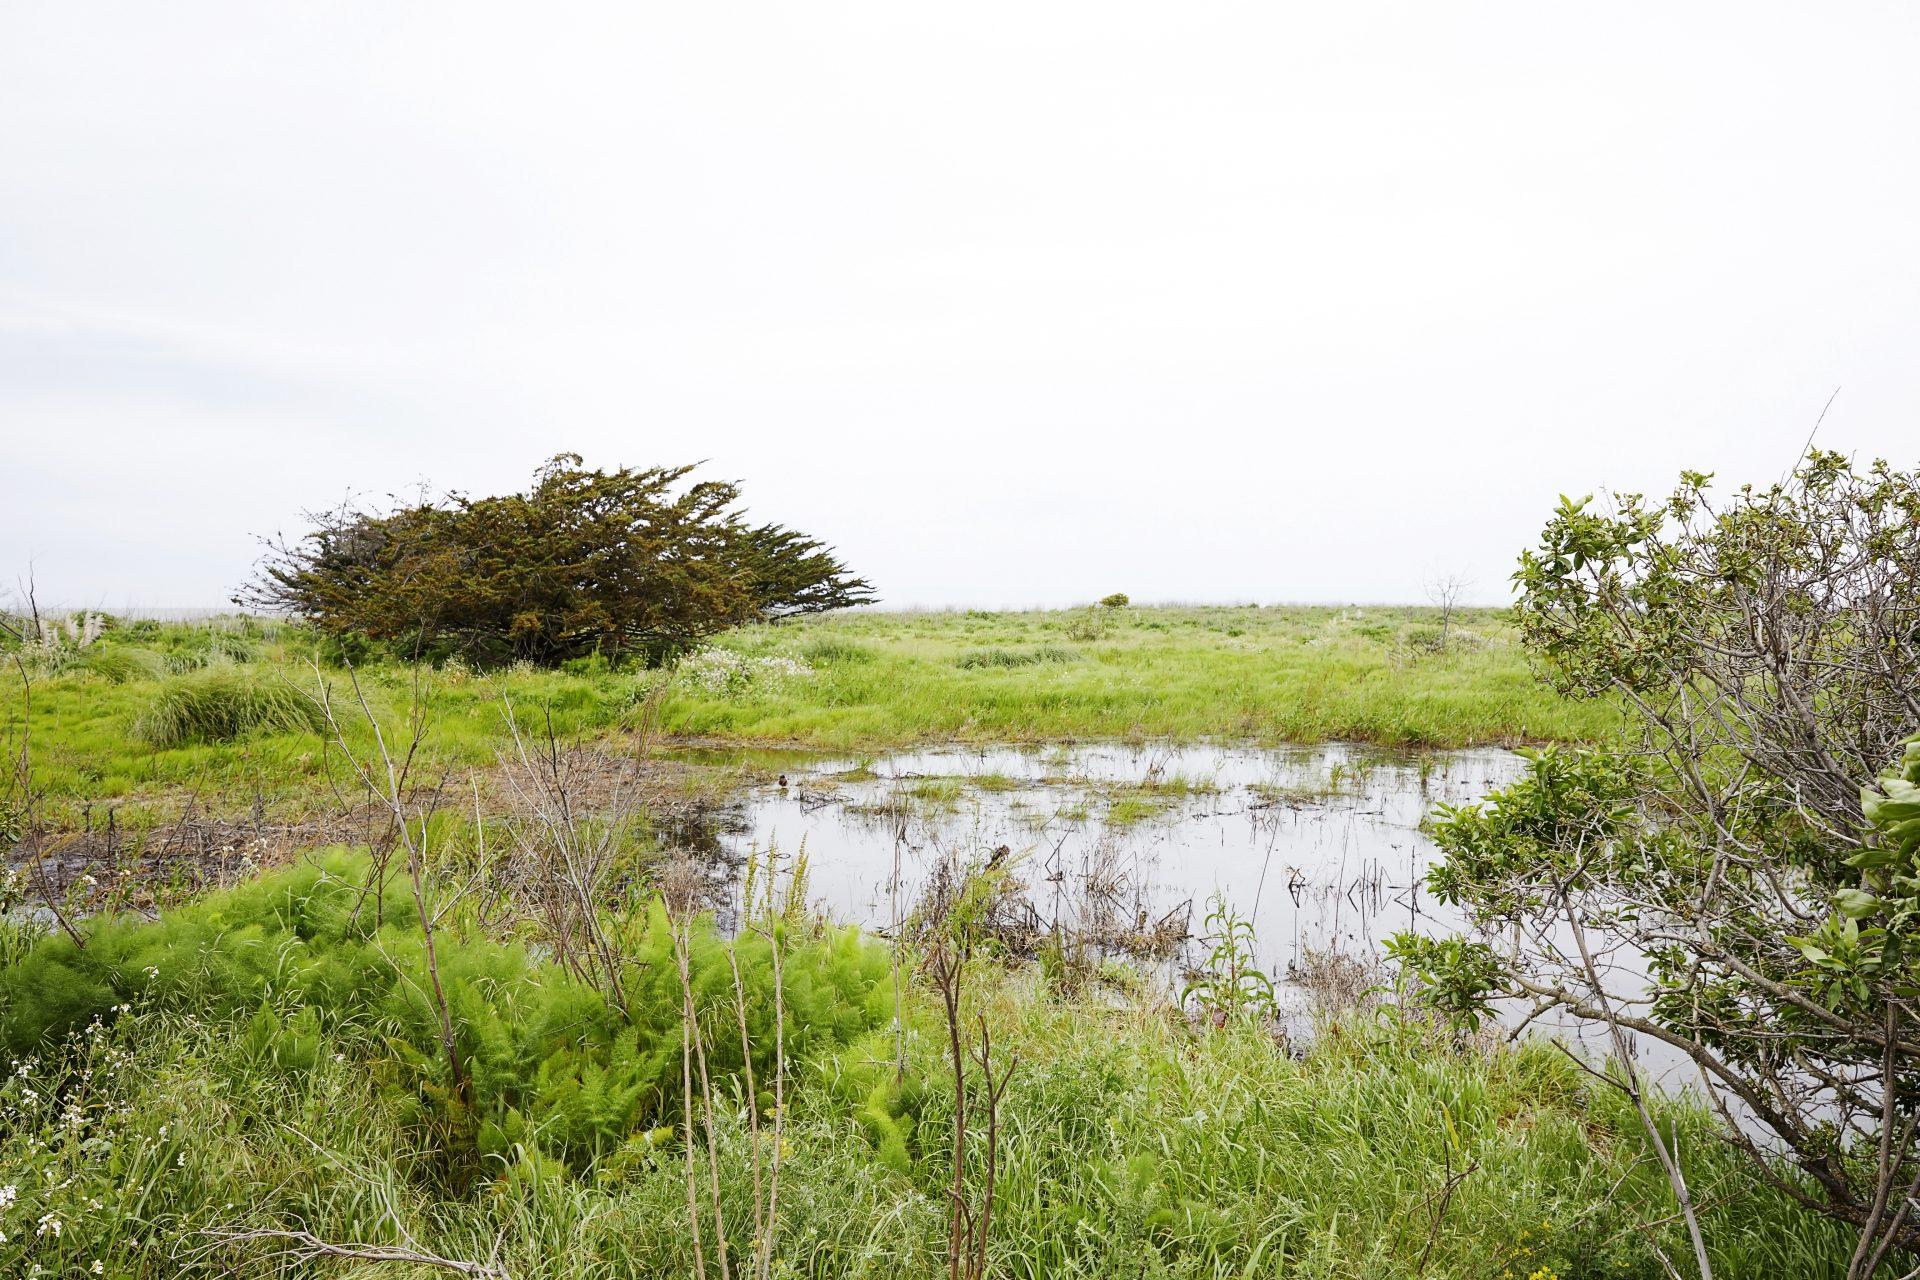 Burlingame Shoreline Park Petition